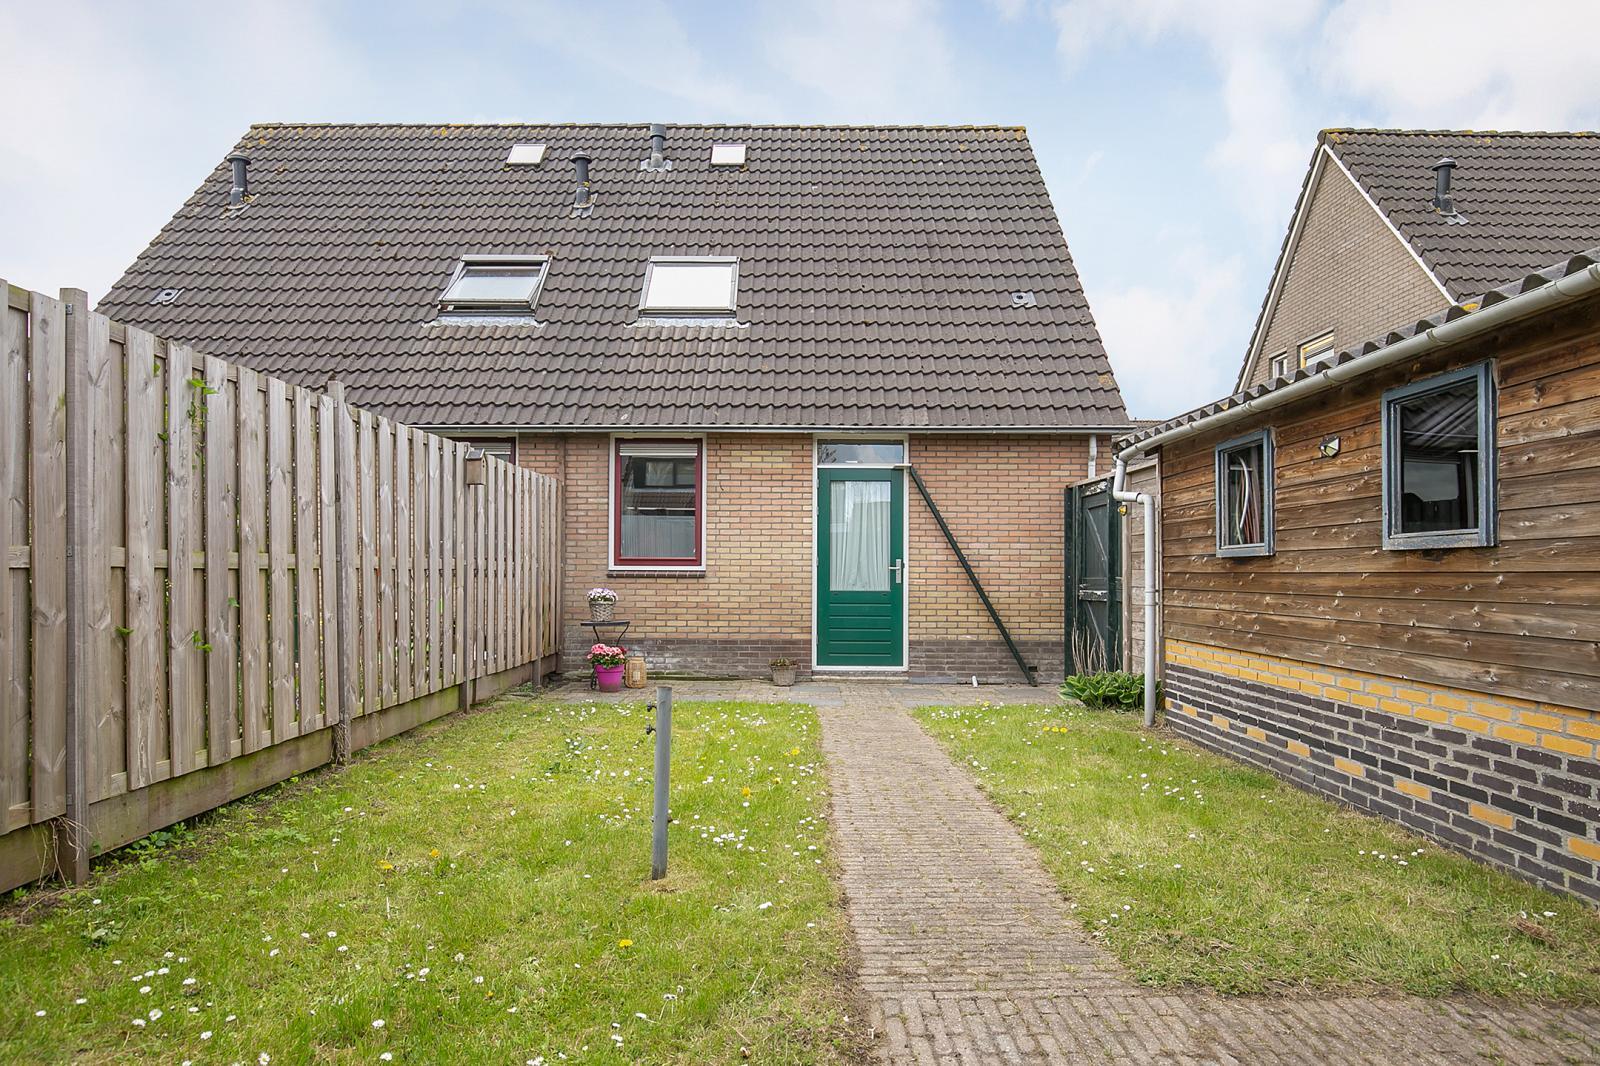 zeino-van-burmaniastrjitte-5-oppenhuizen-1215